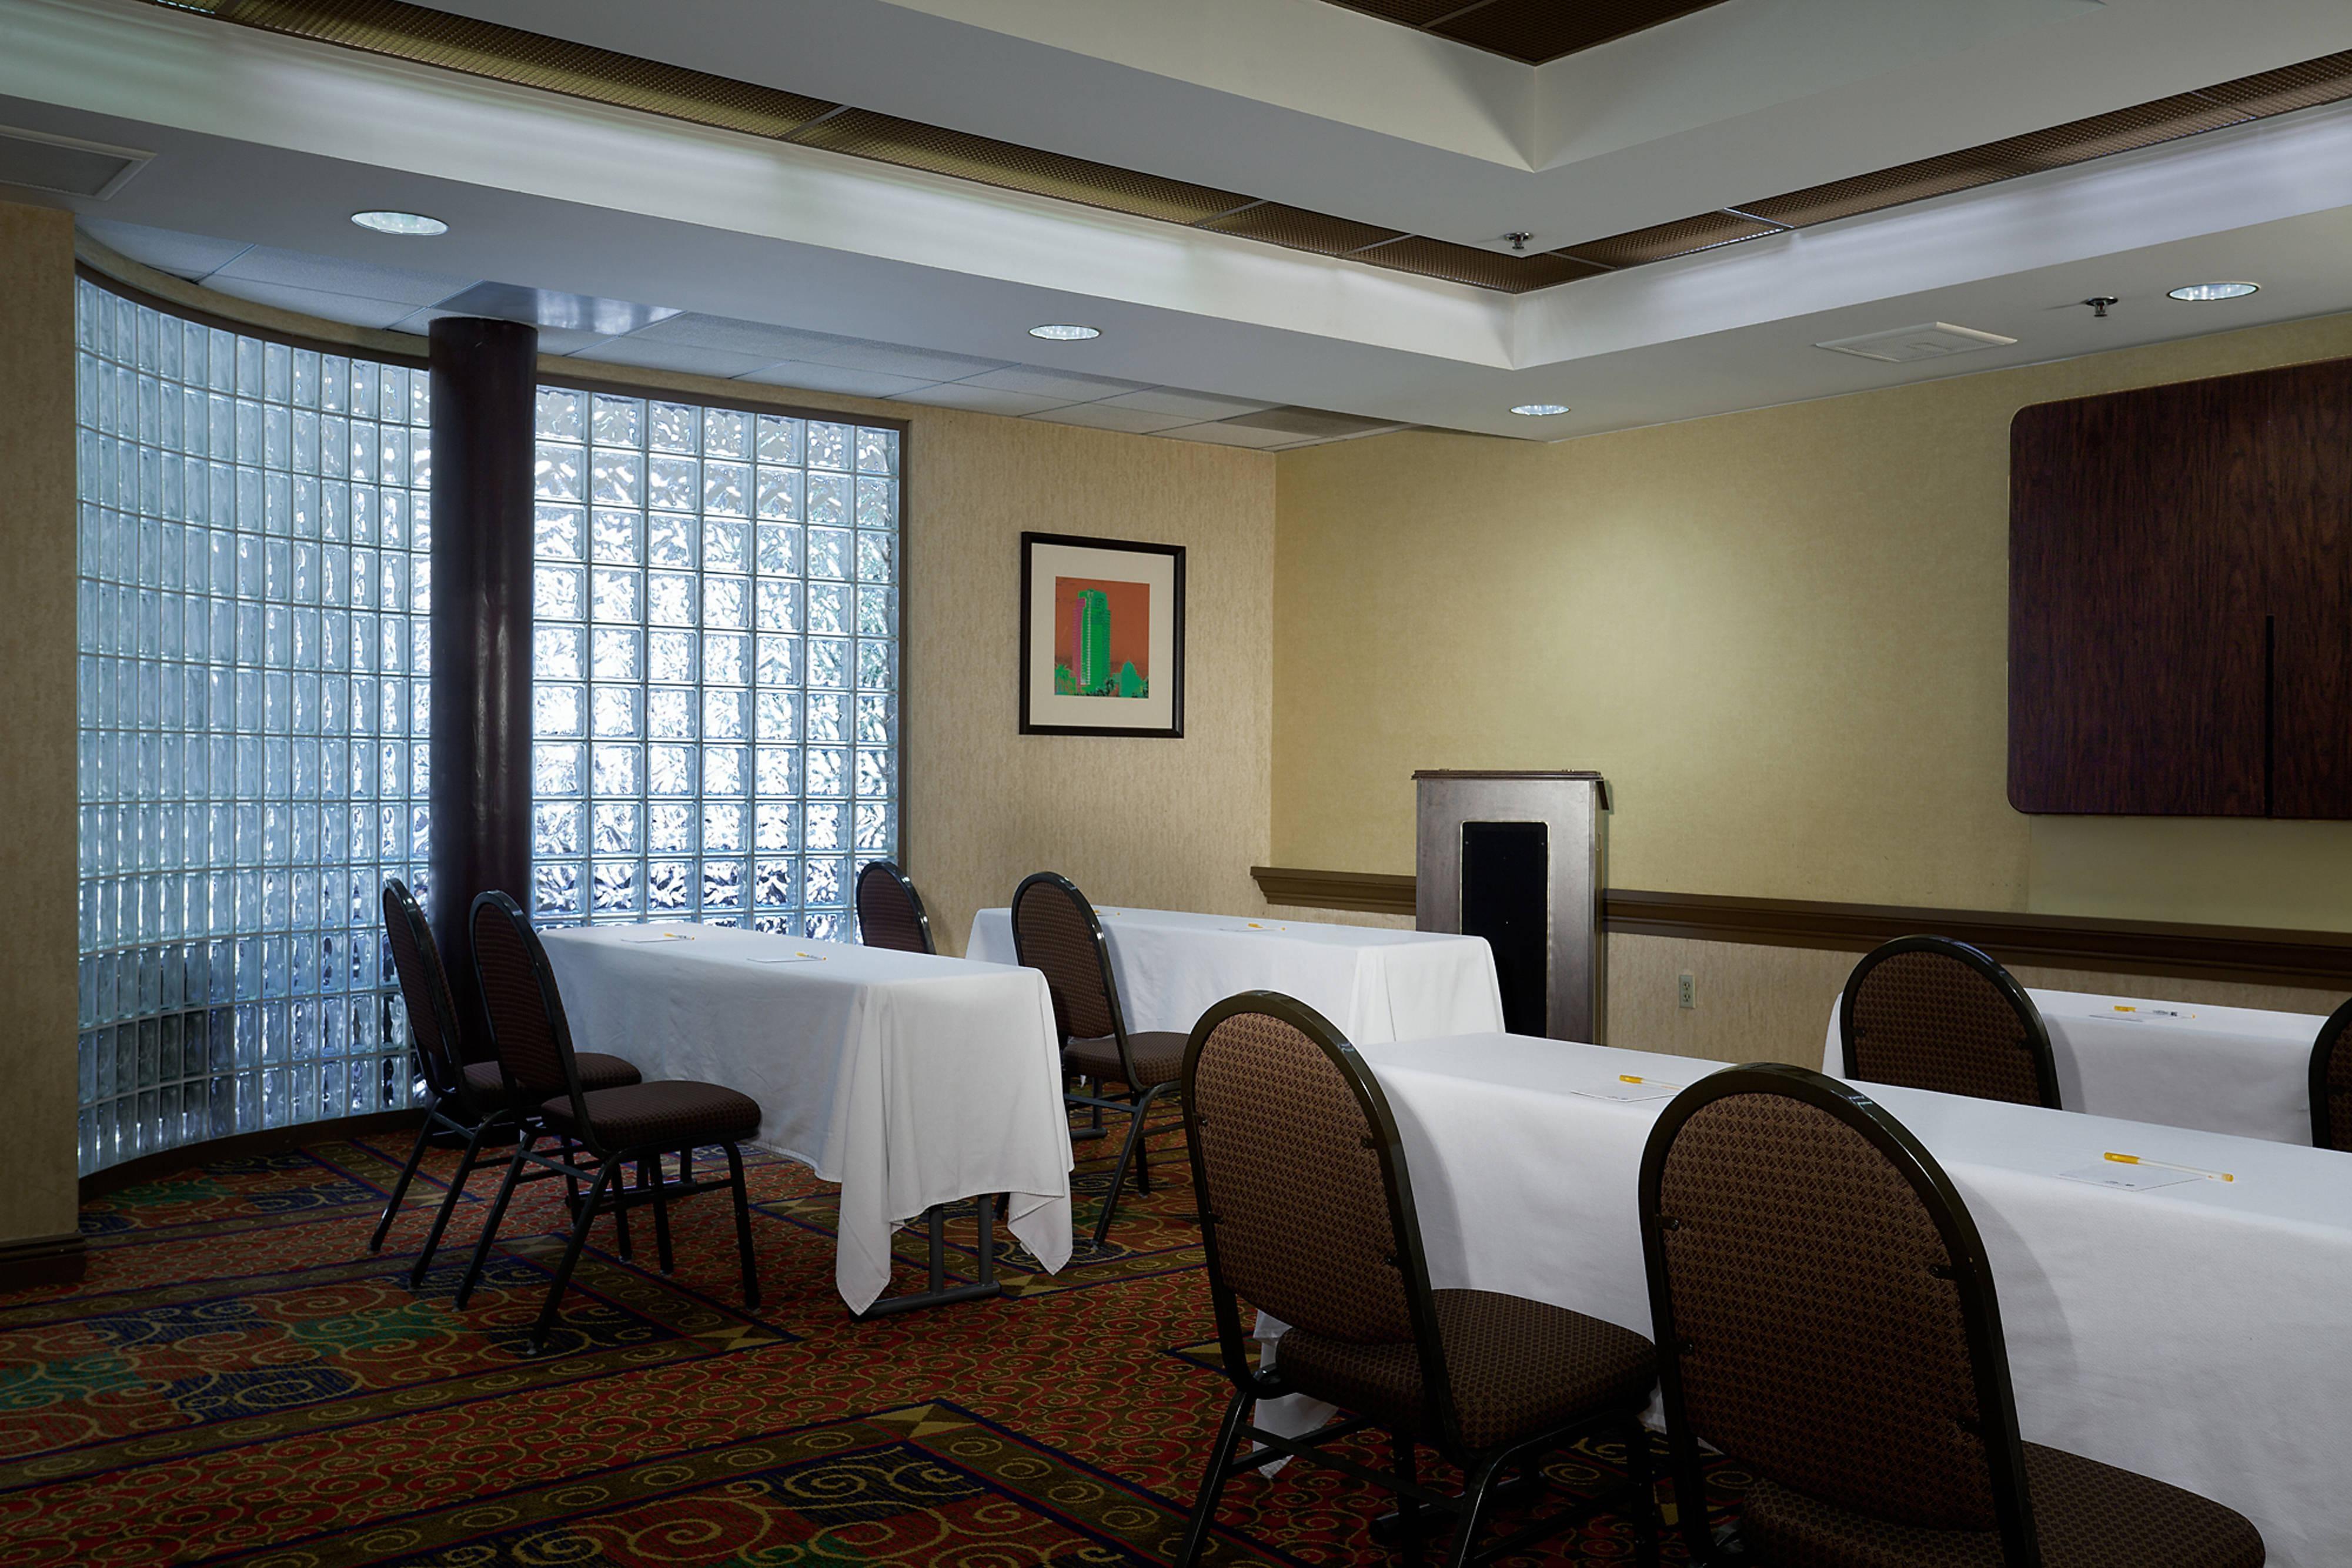 Sala de reuniones ejecutivas, estilo de salón